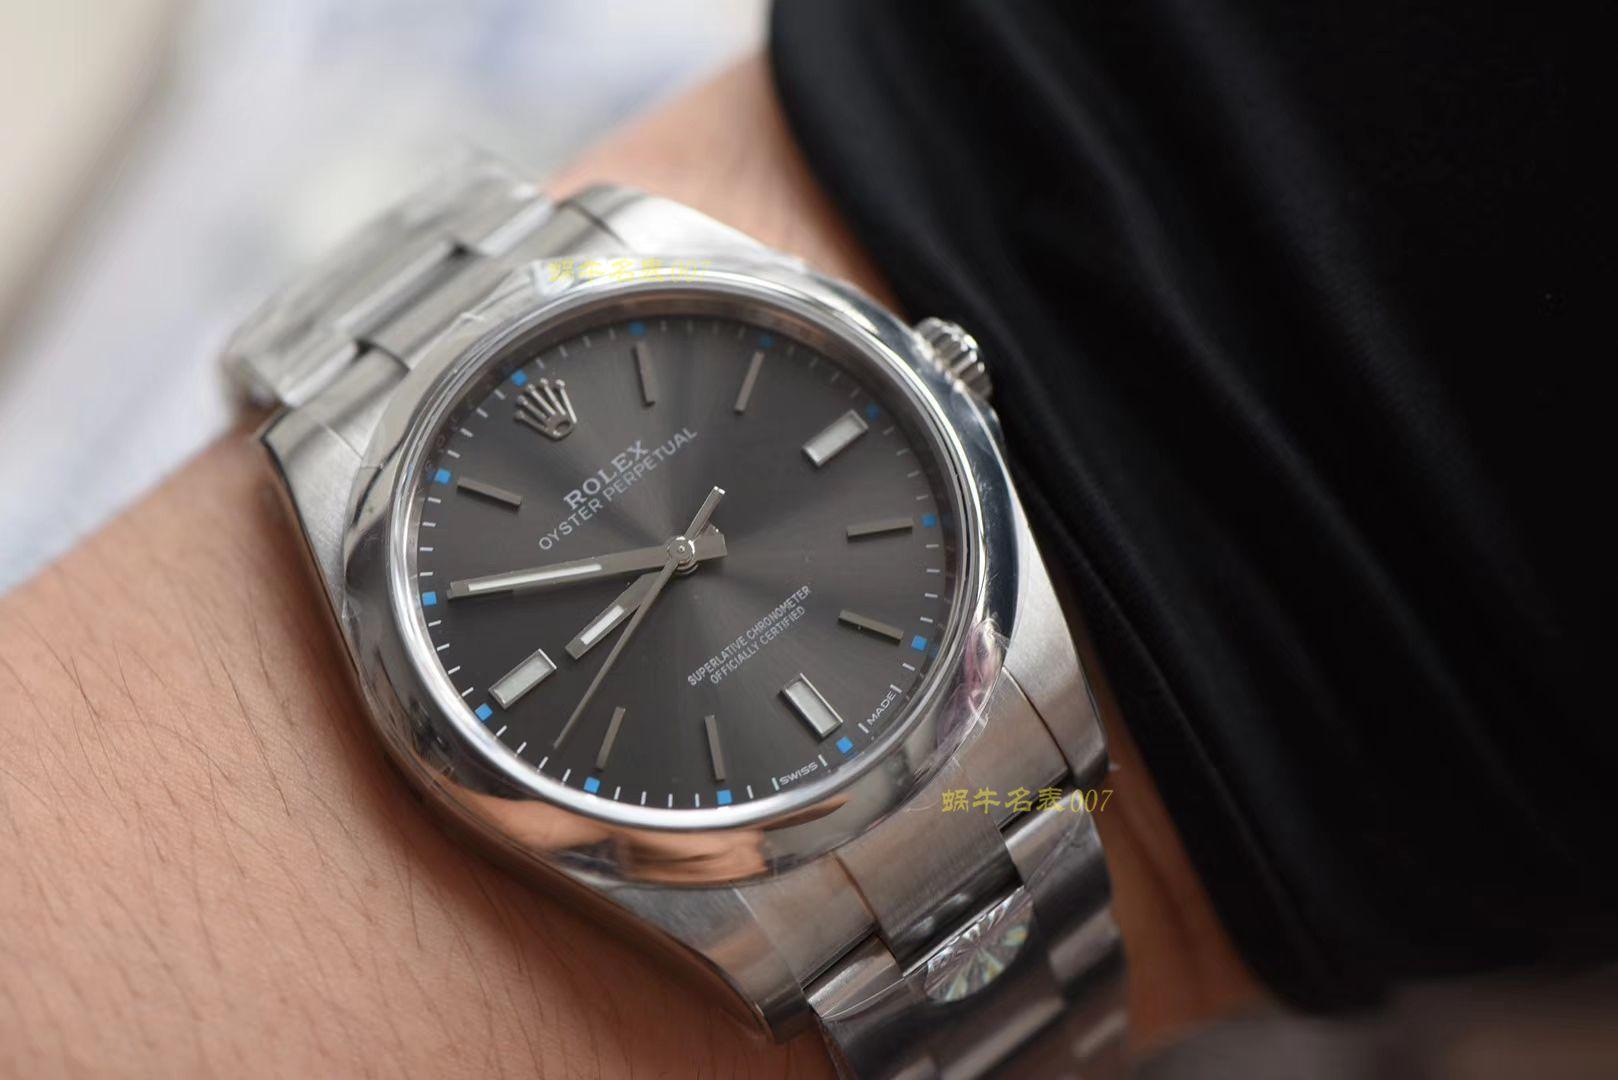 劳力士蚝式恒动系列m114300-0002腕表【AR一比一克隆】 / R310